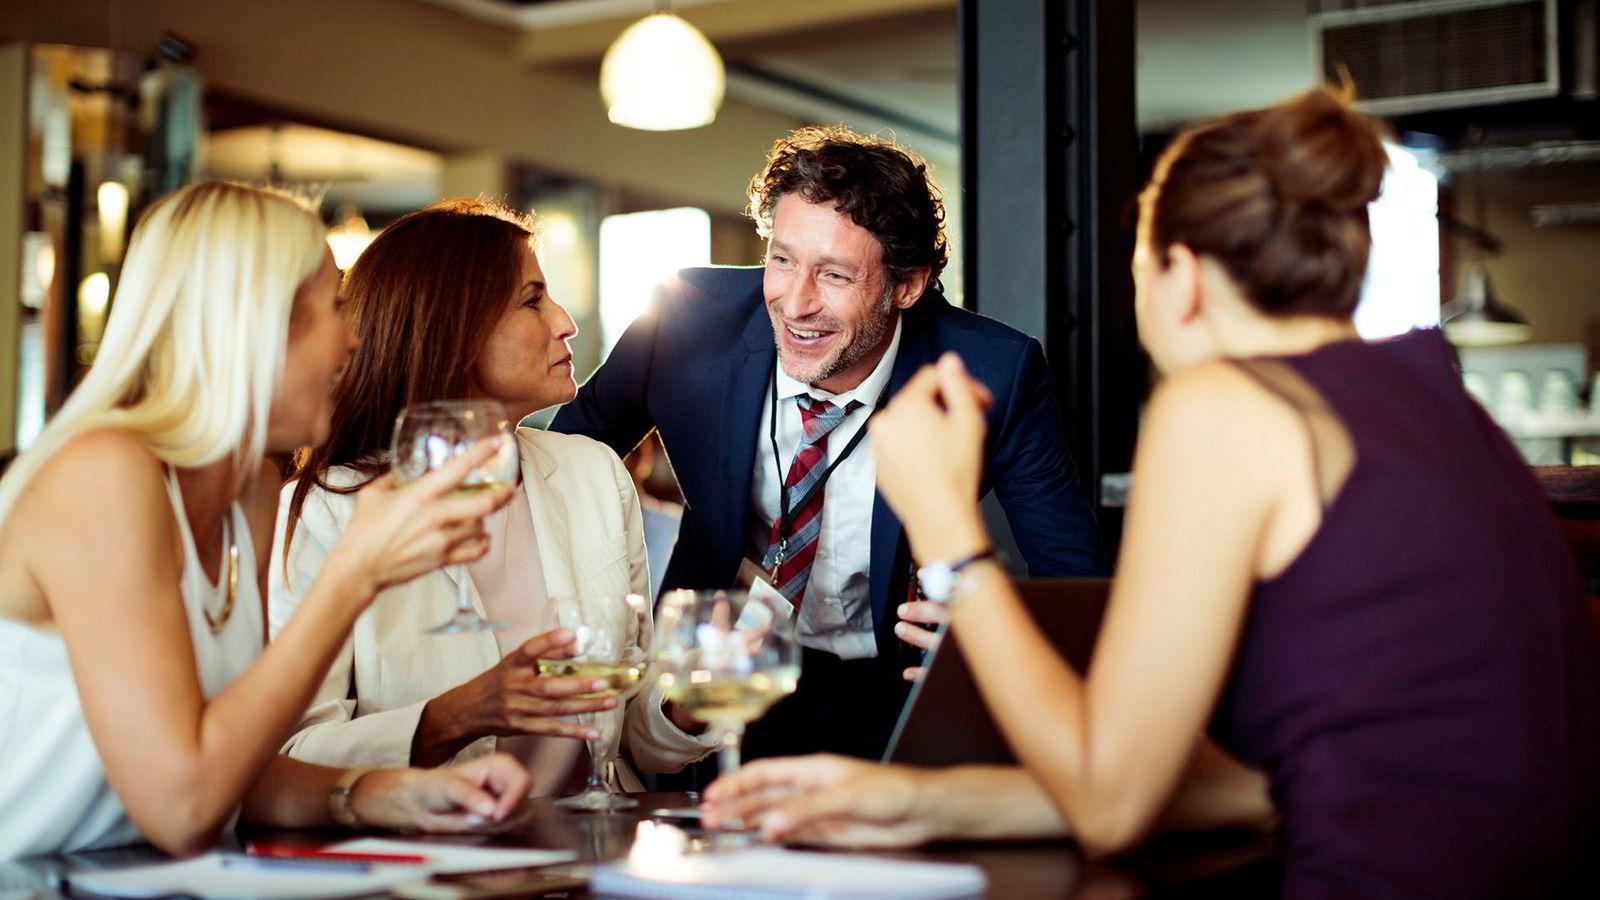 I rette mengder kan alkohol bidra til felles nytelse og god stemning. Så tross alle historier om overgrep og trakassering i jobbfylla i kjølvannet av Metoo-kampanjen, bør det ikke være nødvendig å tørrlegge alle sosiale arrangementer på jobben, mener artikkelforfatterne.